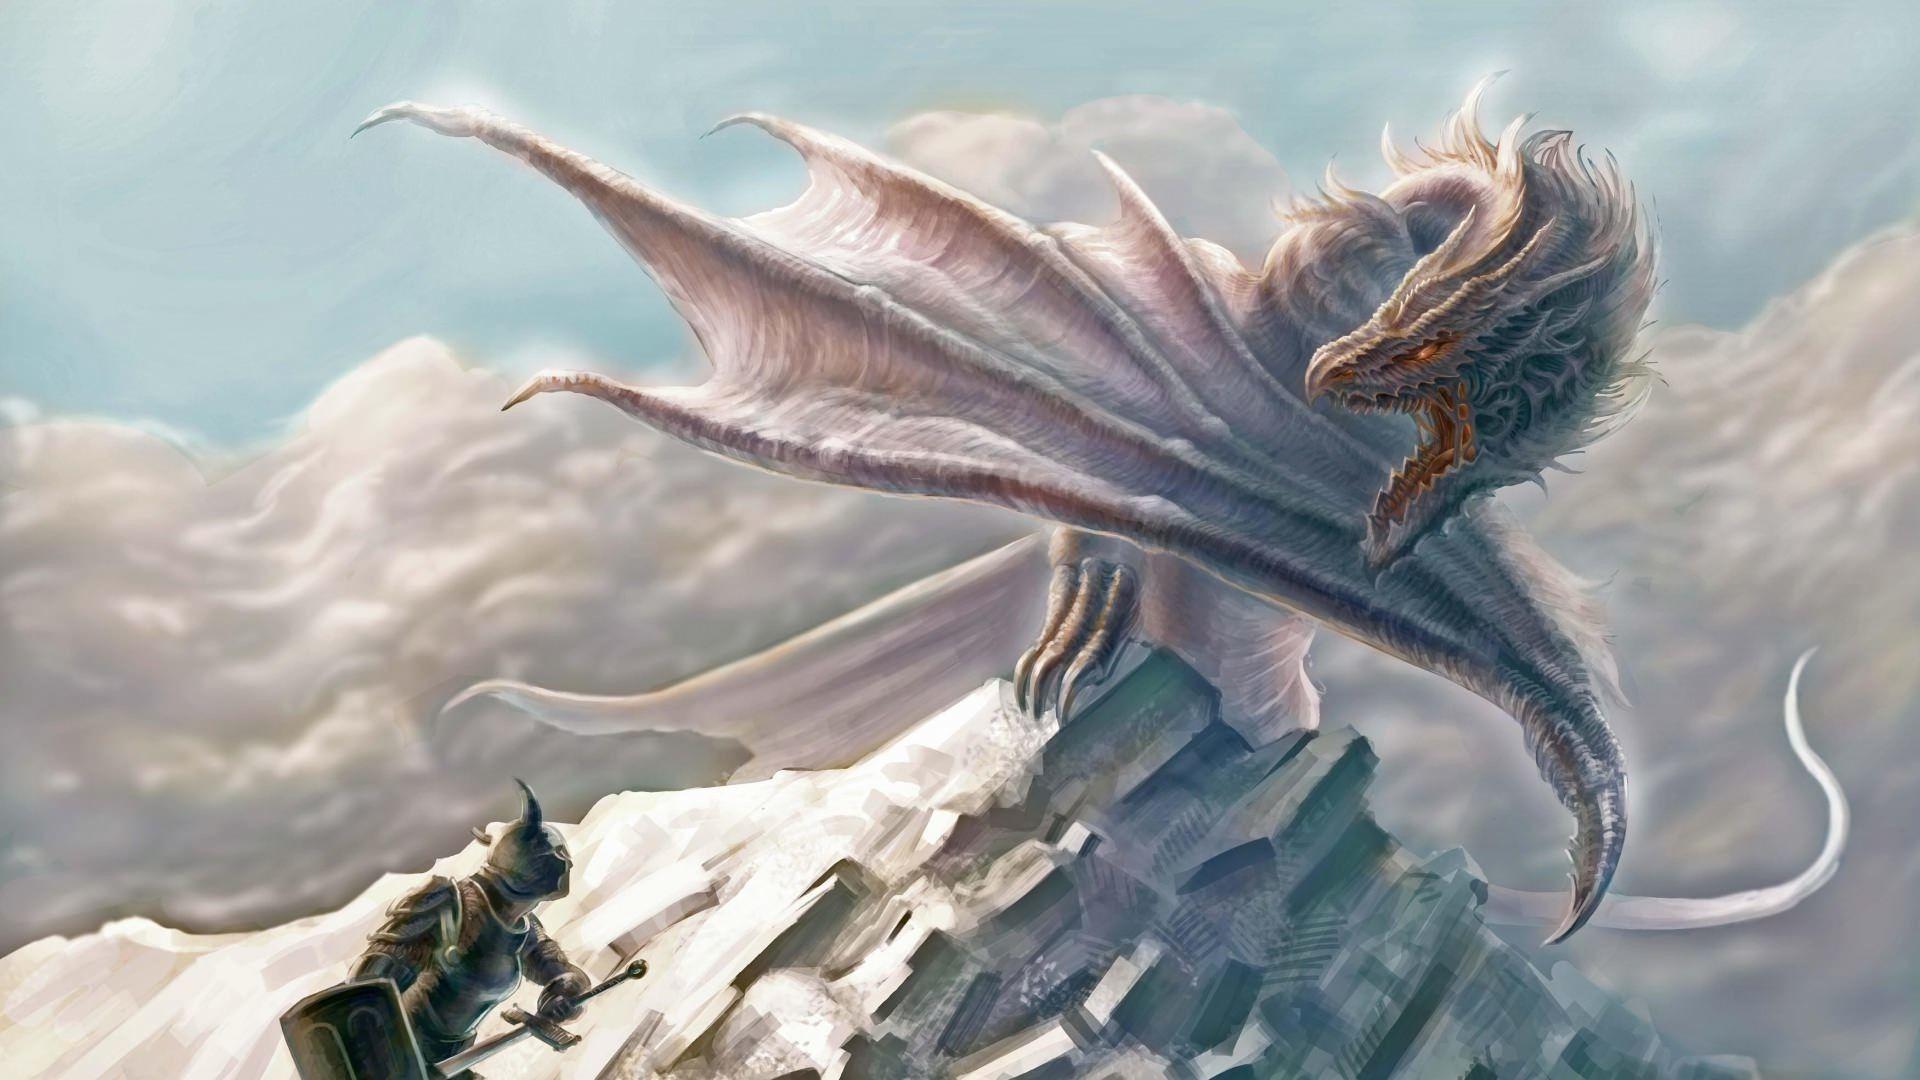 dragon photo hd download